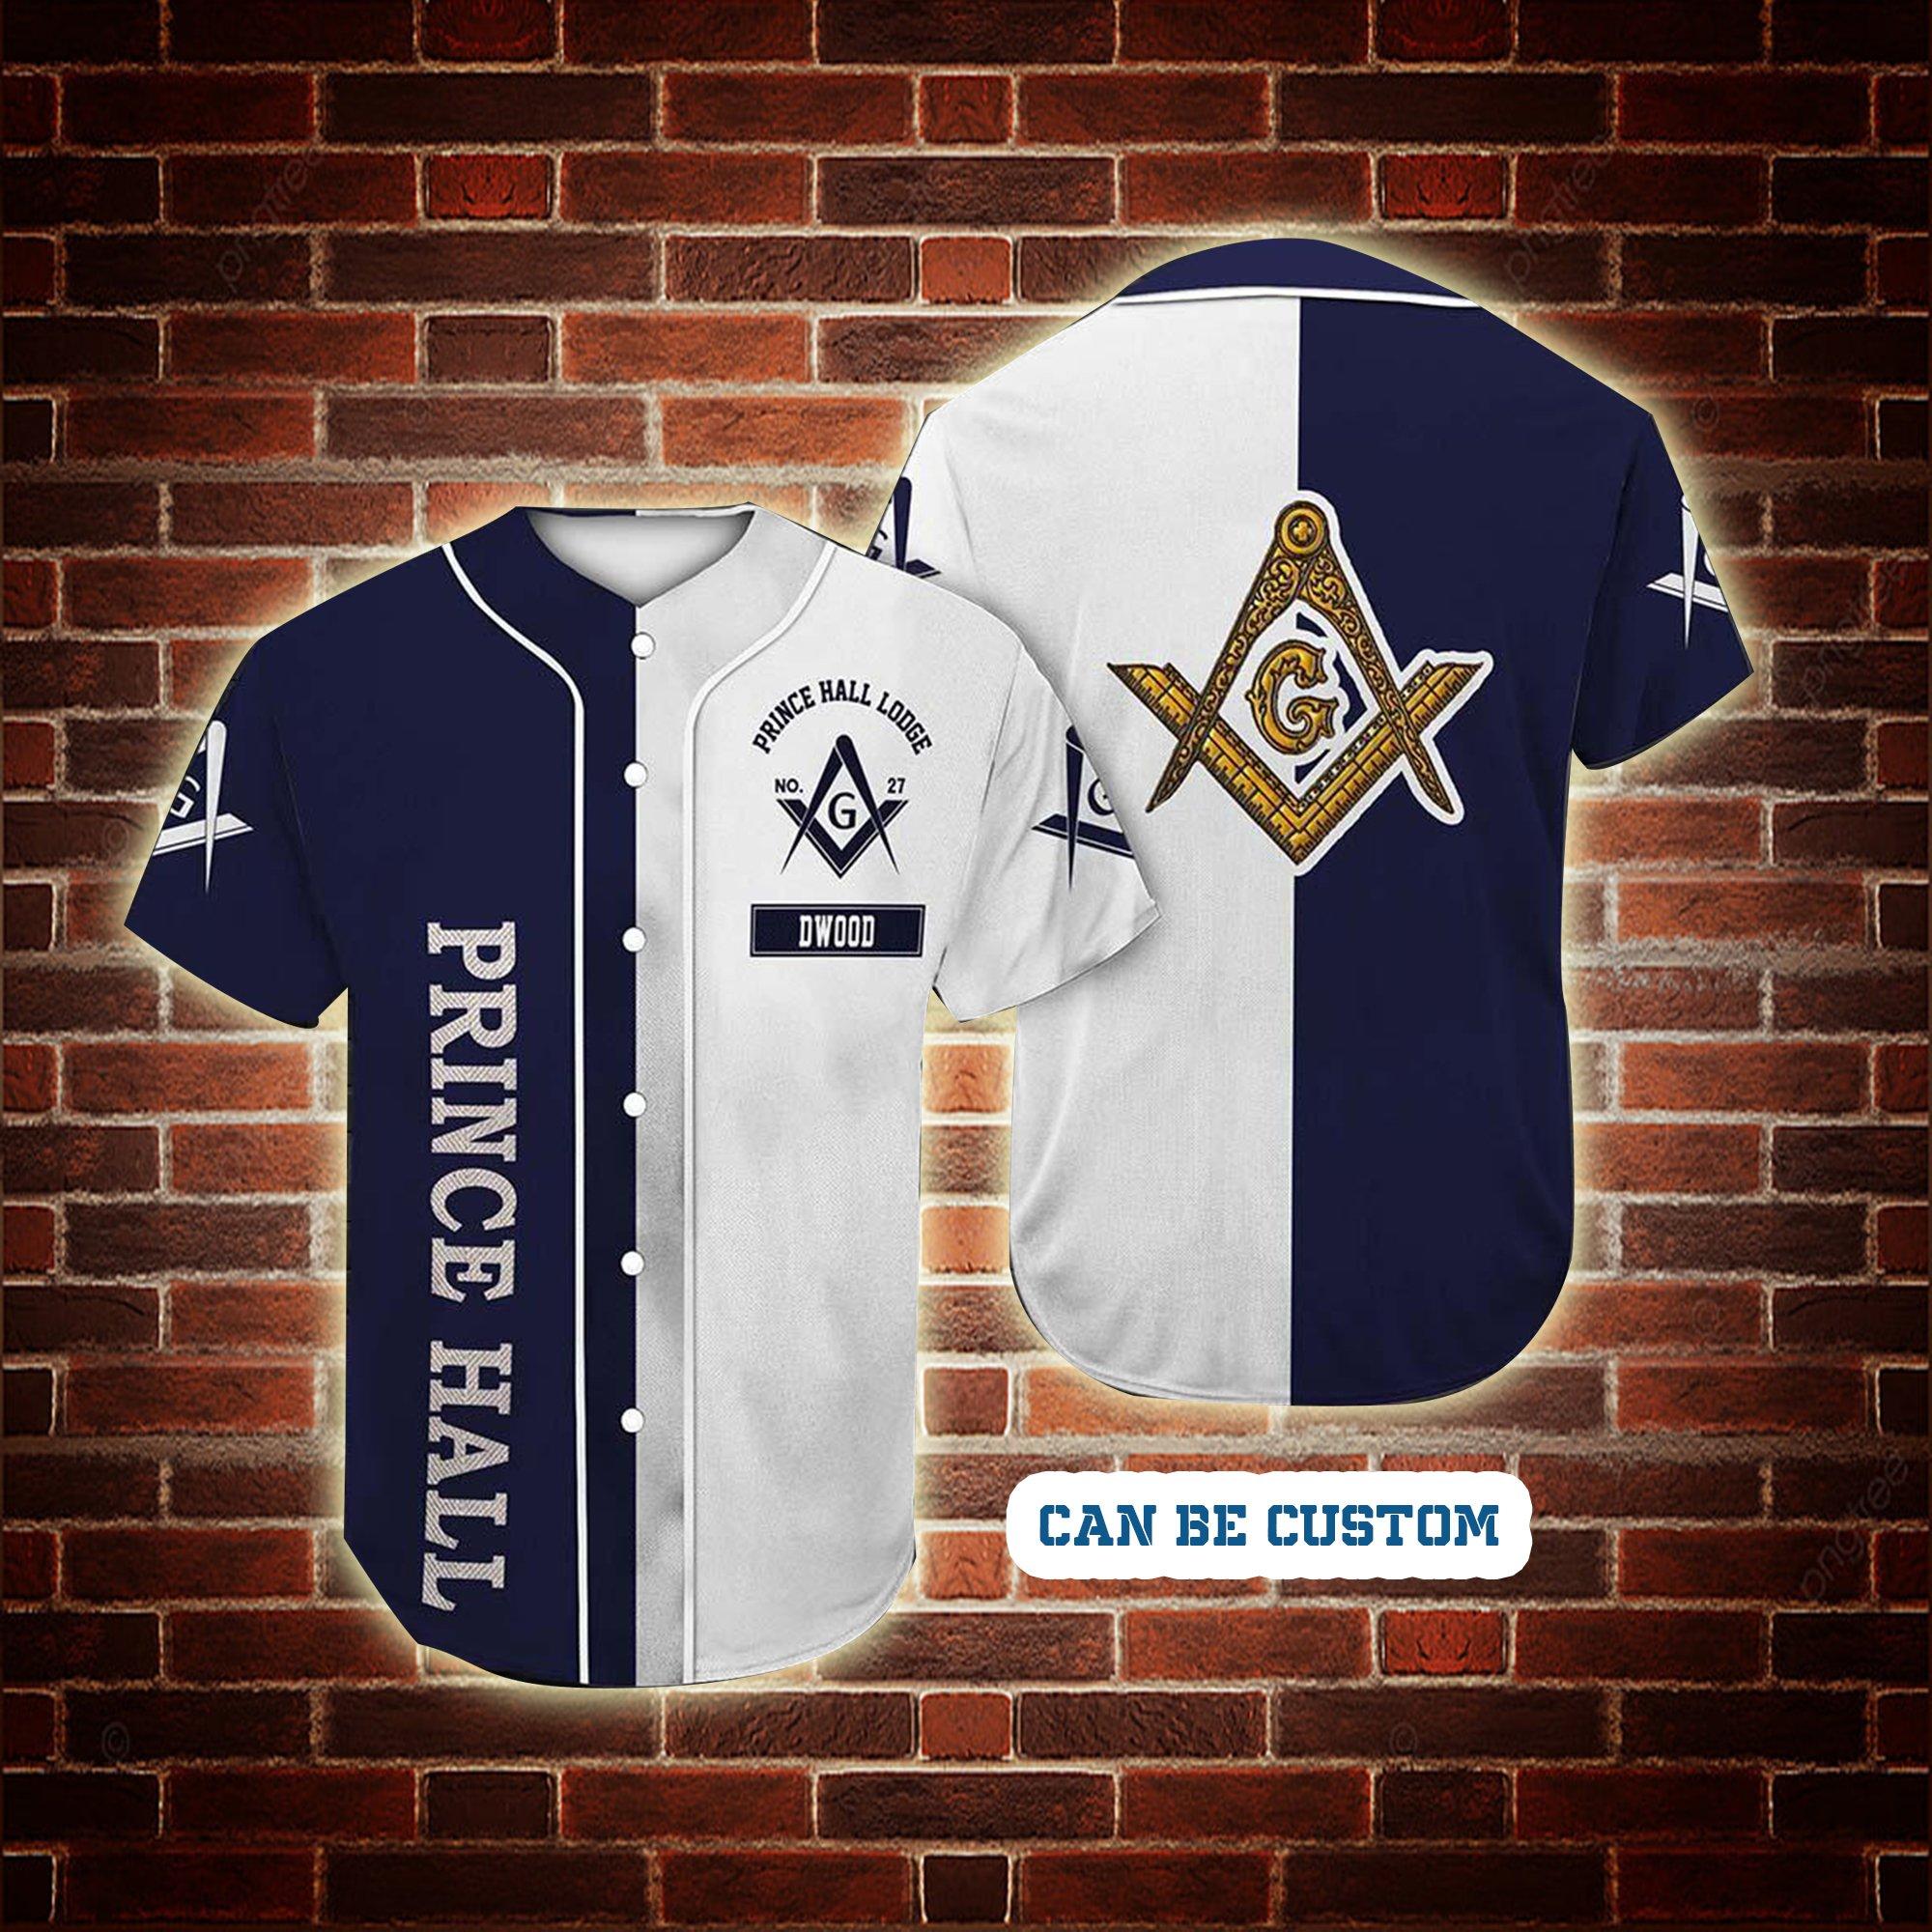 Personalized Prince Hall Freemasonry Baseball Jersey